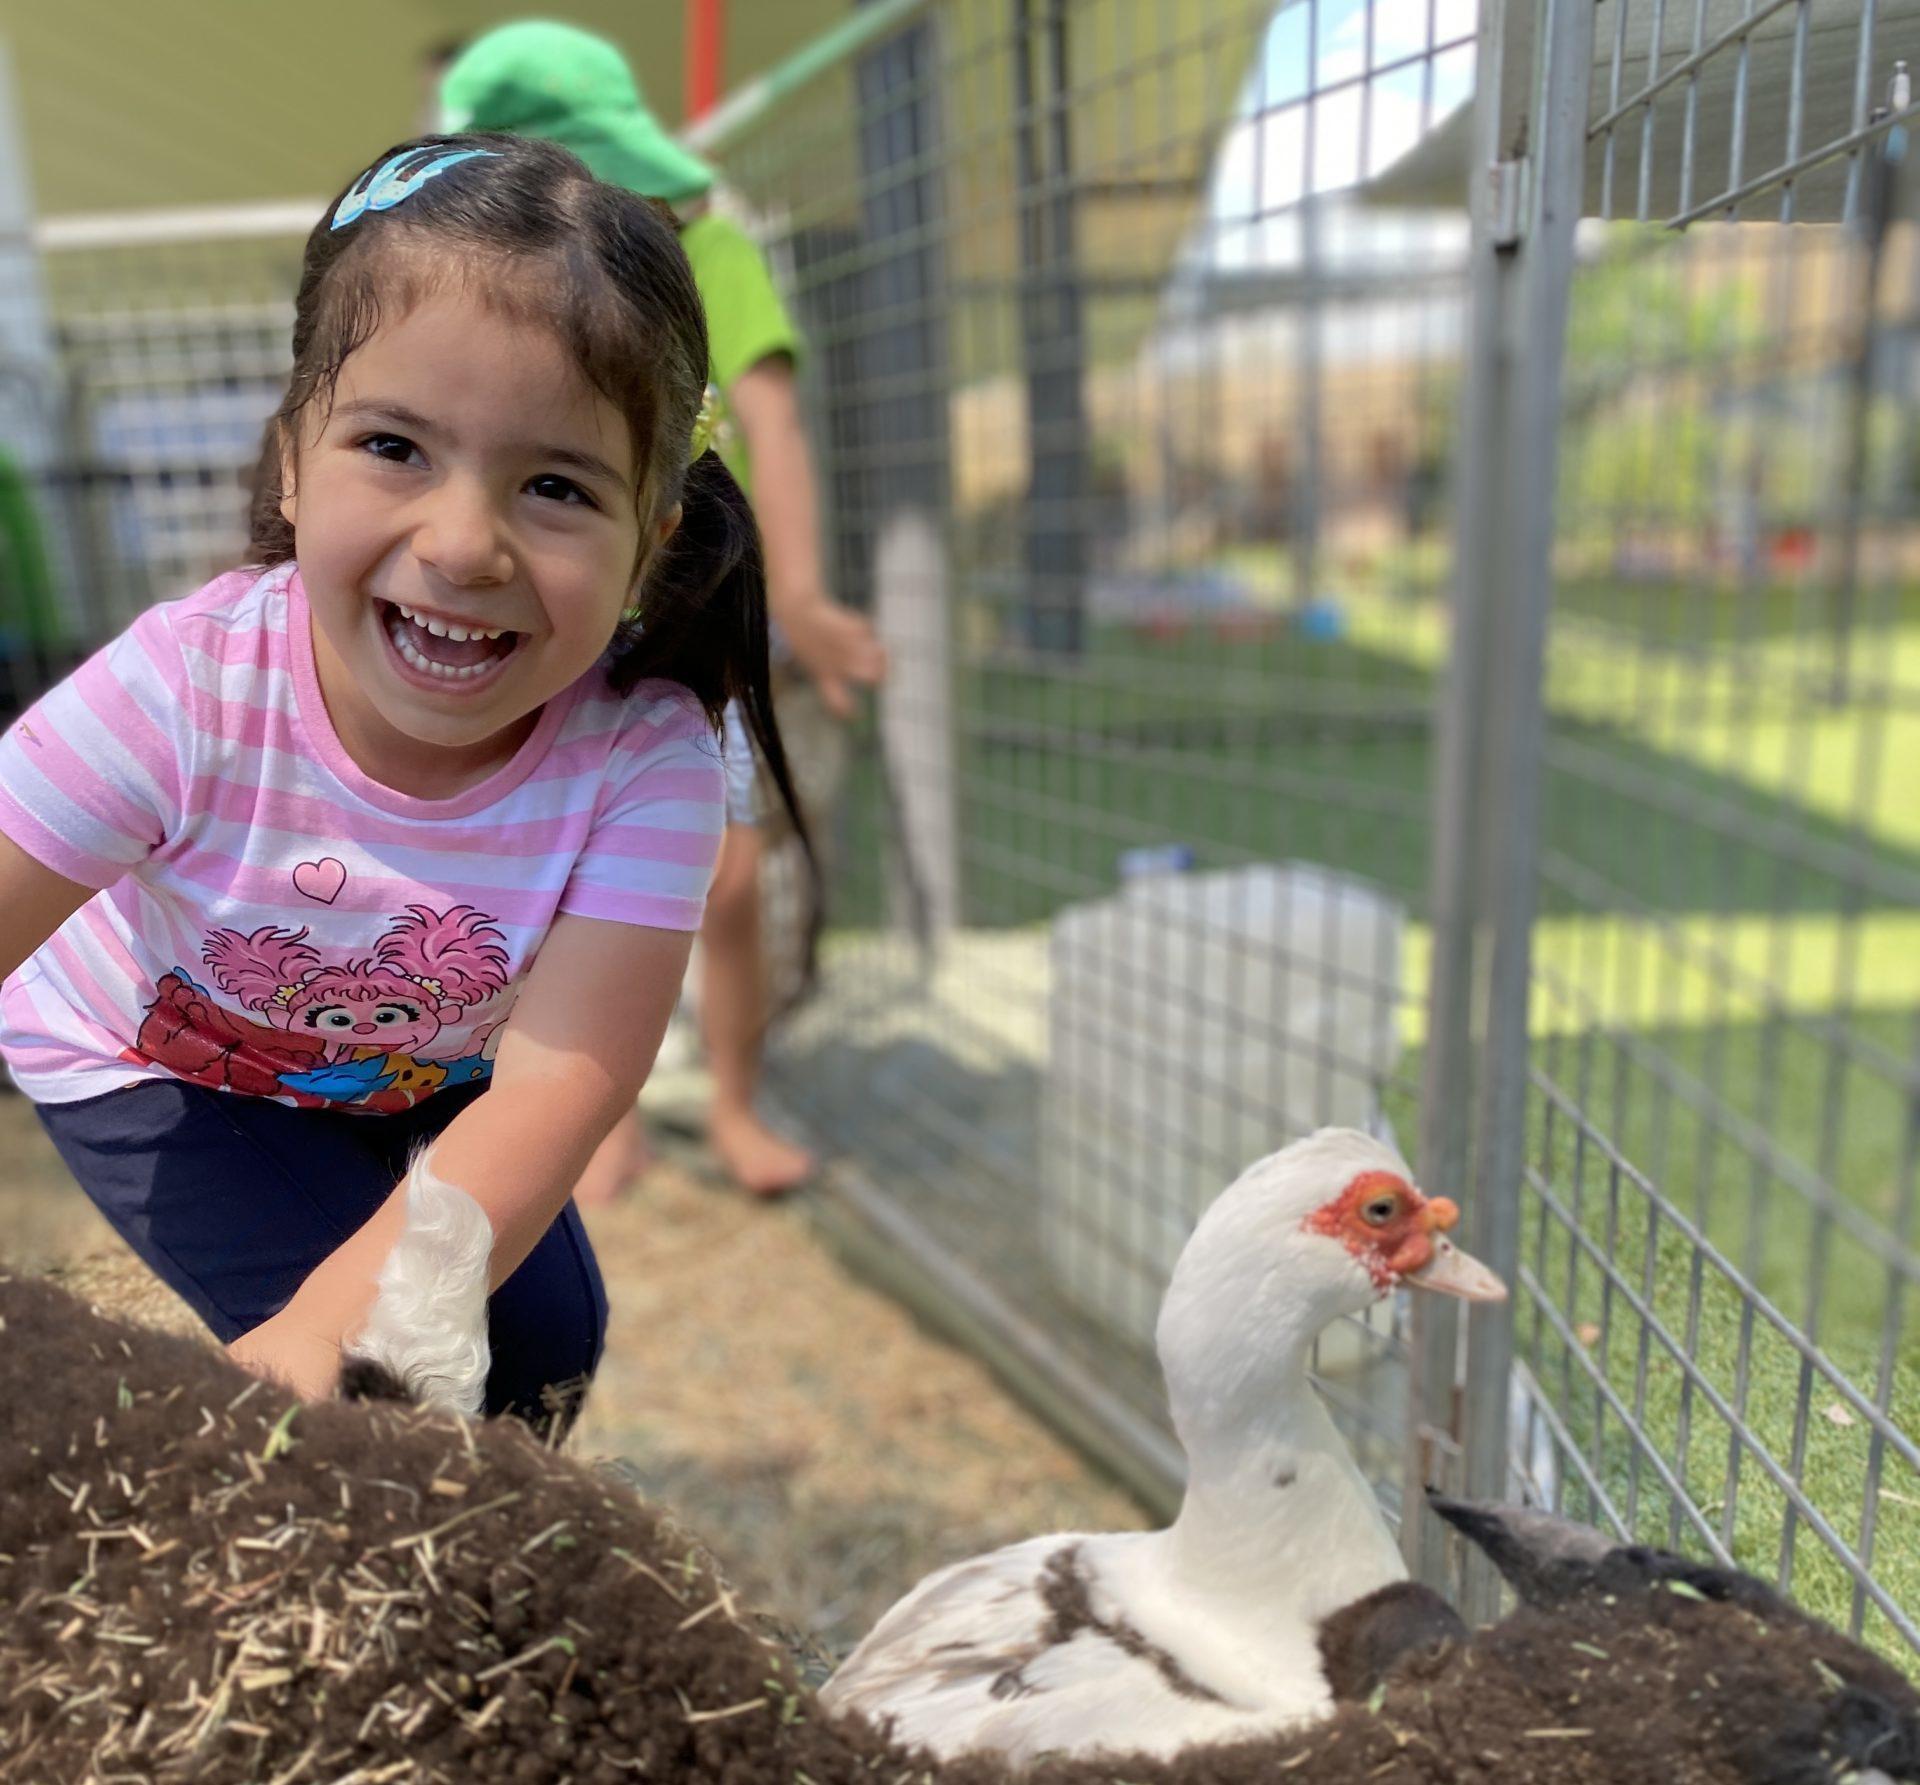 little girl in petting zoo